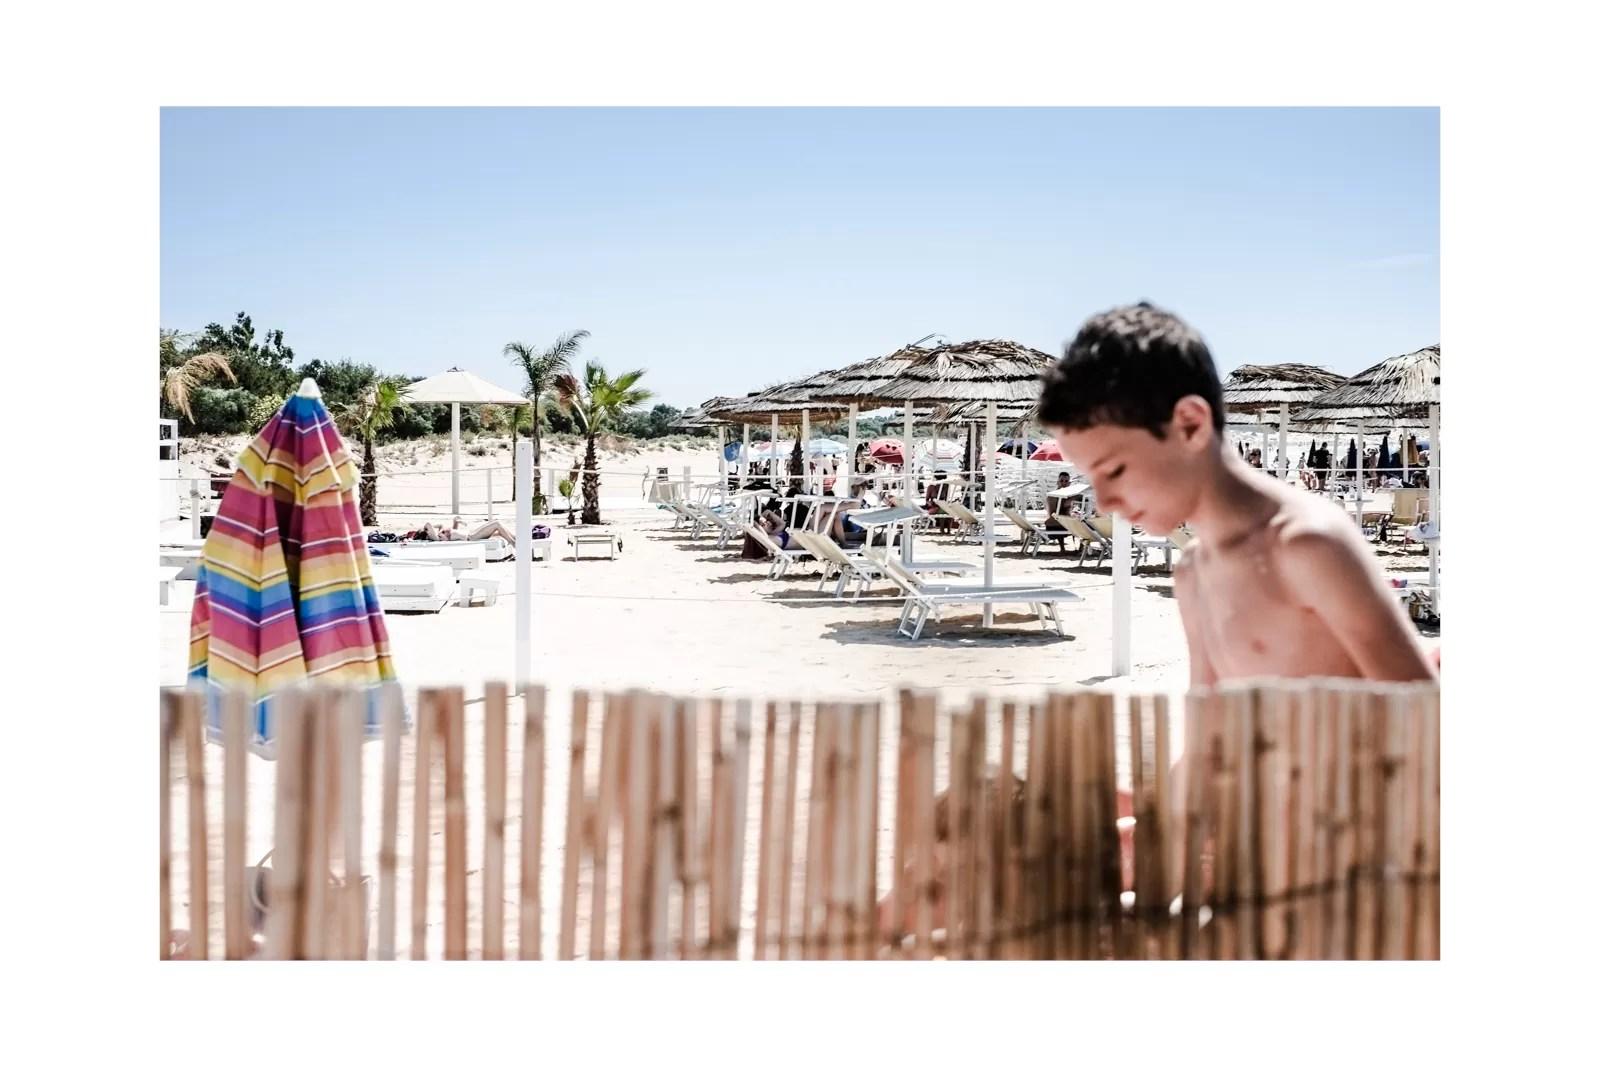 DSCF1500 - Immobili sotto il caldo sole di sicilia - fotostreet.it